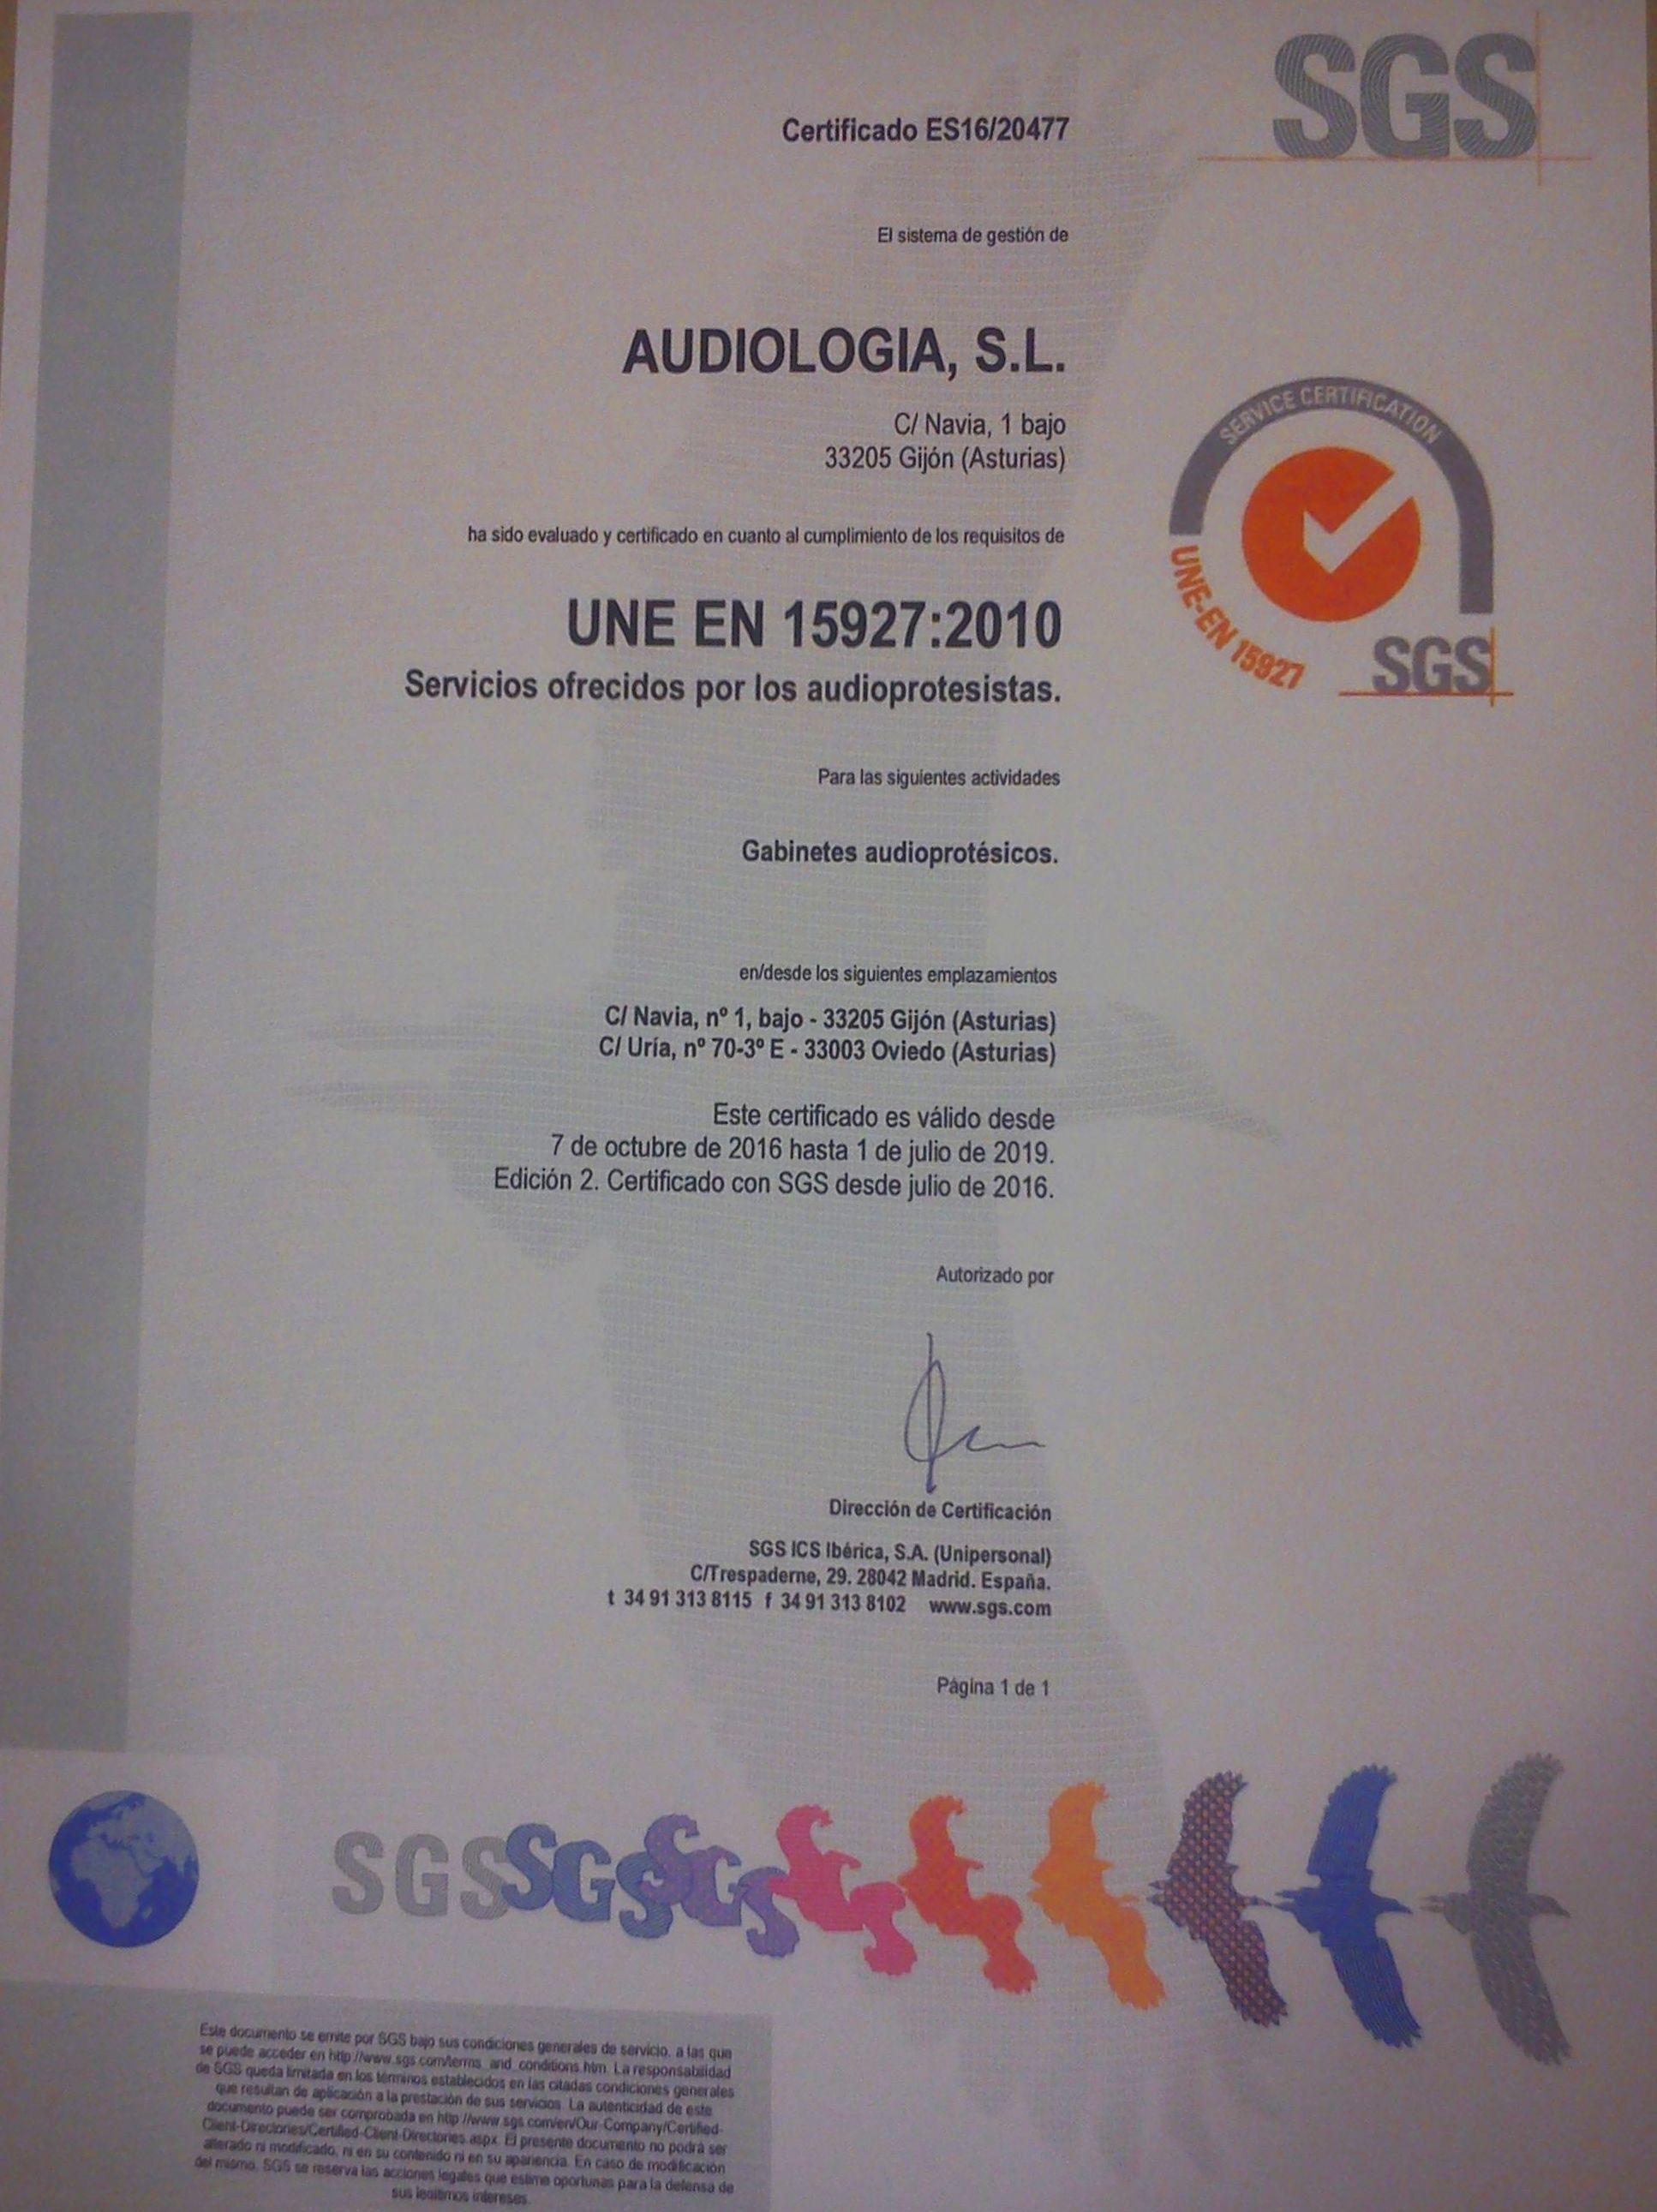 CERTIFICADO DE CALIDAD UNE-EN 15927:2010